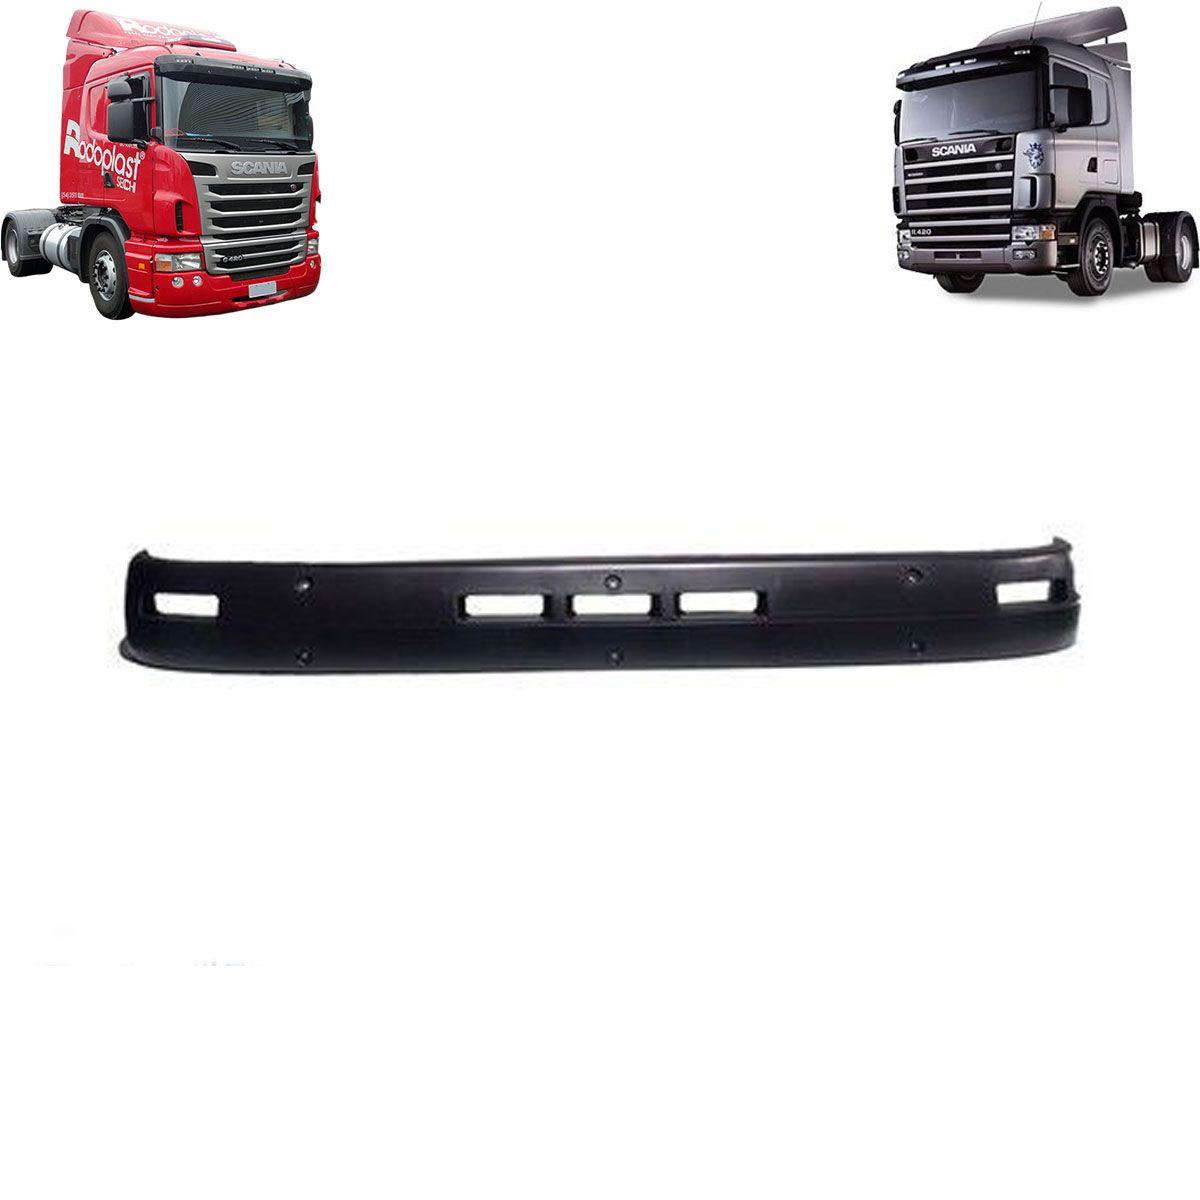 Tapa Sol Compatível com o Caminhão Scania S4  S5 1430535 1769454